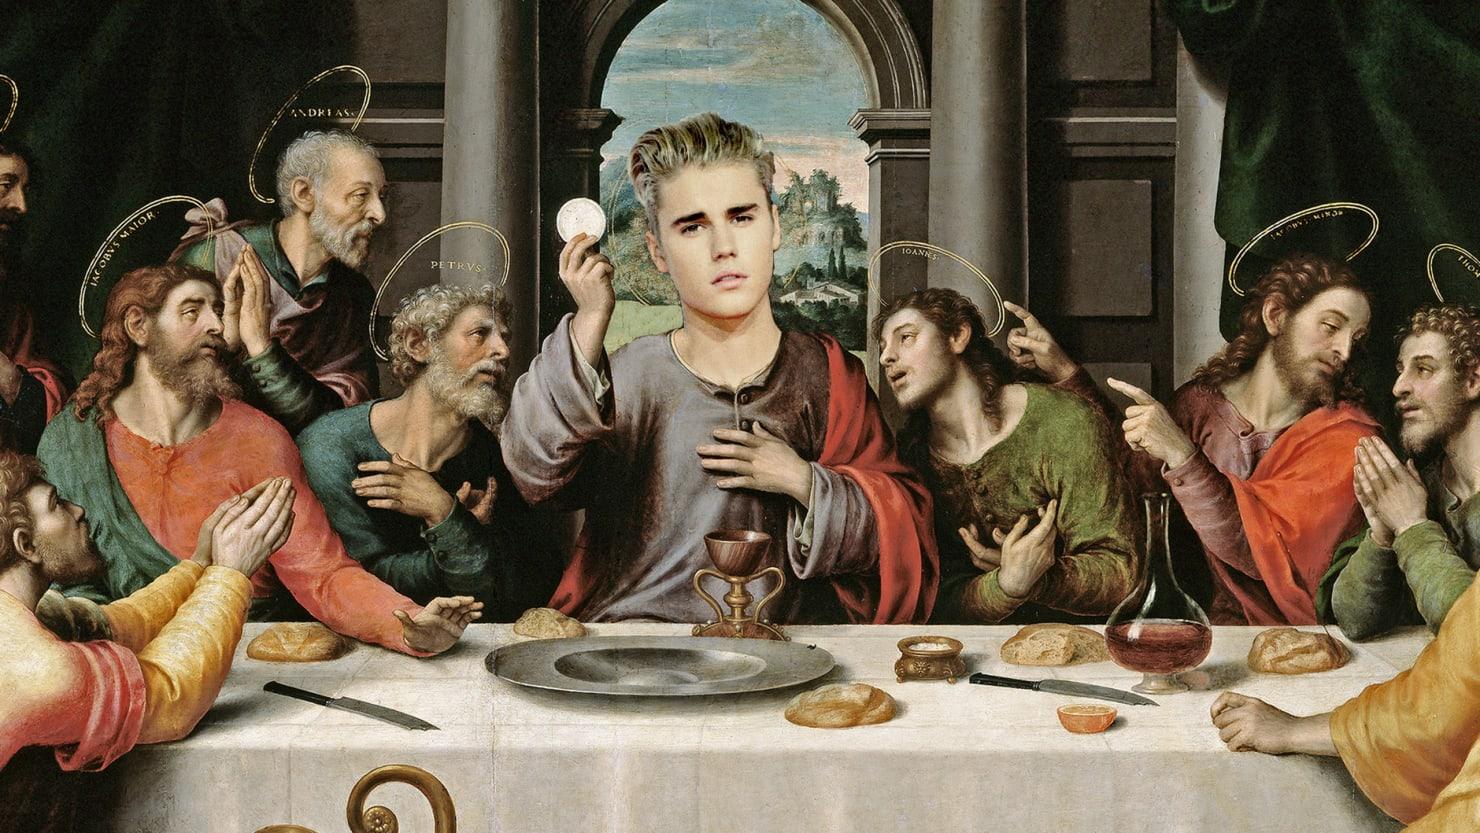 is justin bieber sabotaging his career for jesus